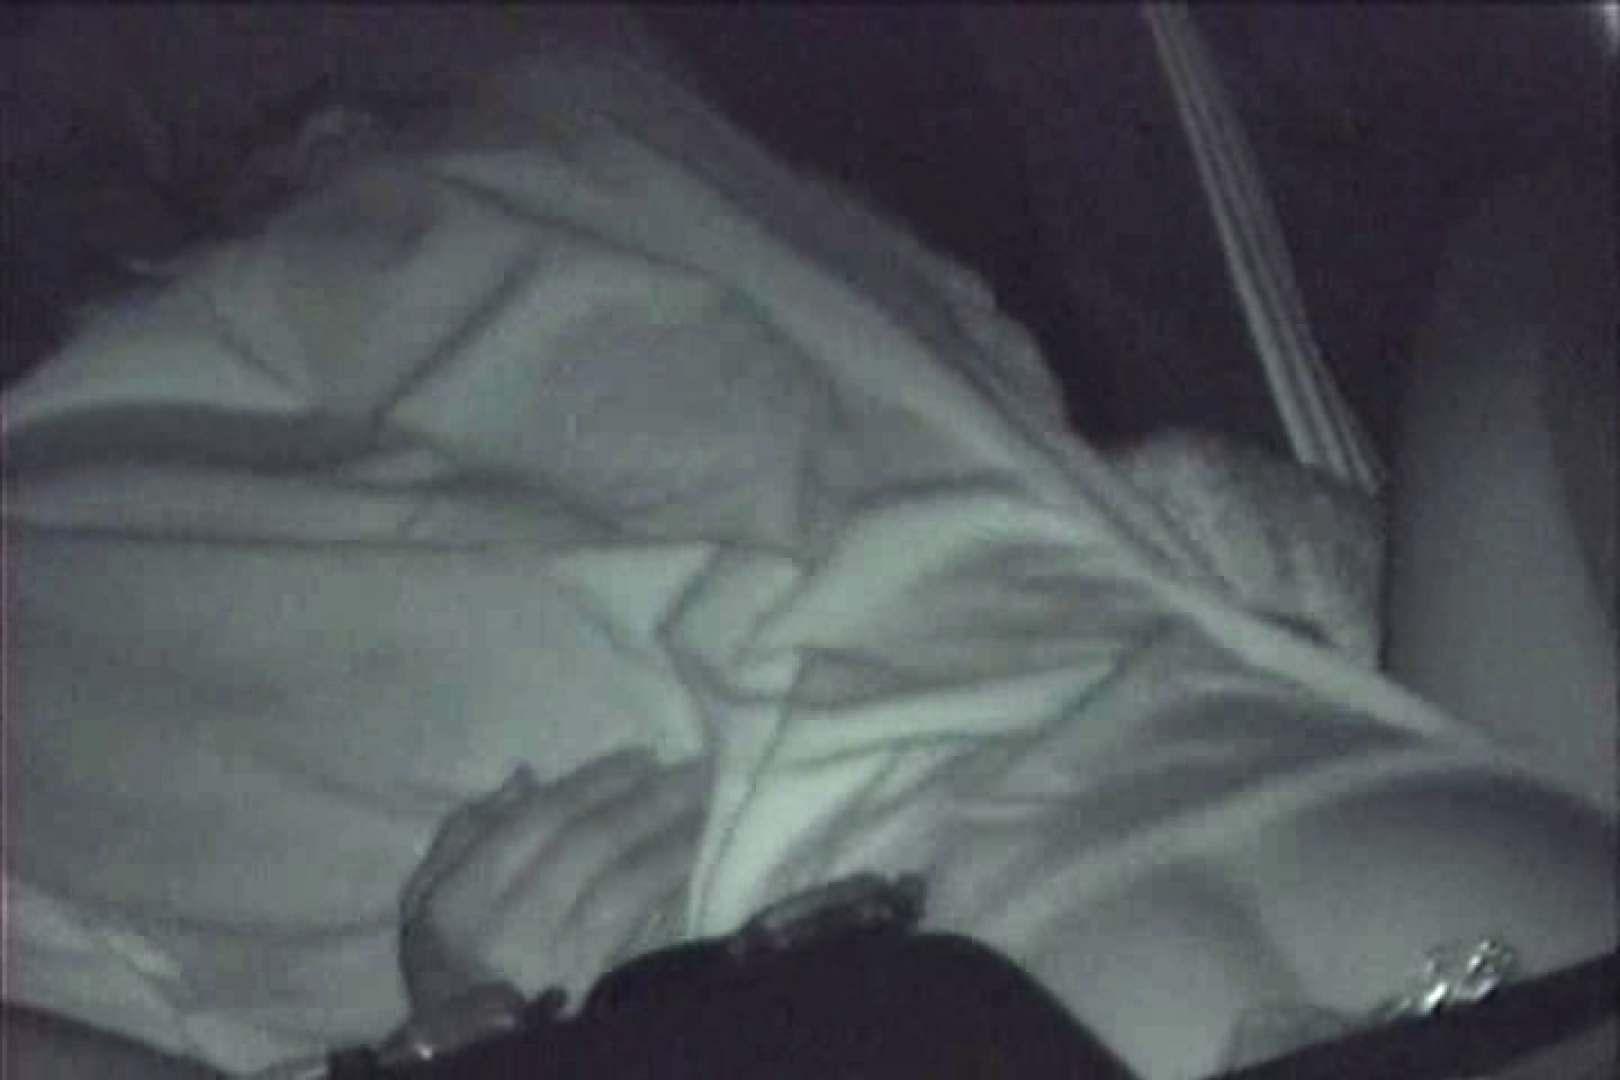 車の中はラブホテル 無修正版  Vol.21 ホテル 盗撮AV動画キャプチャ 109画像 16